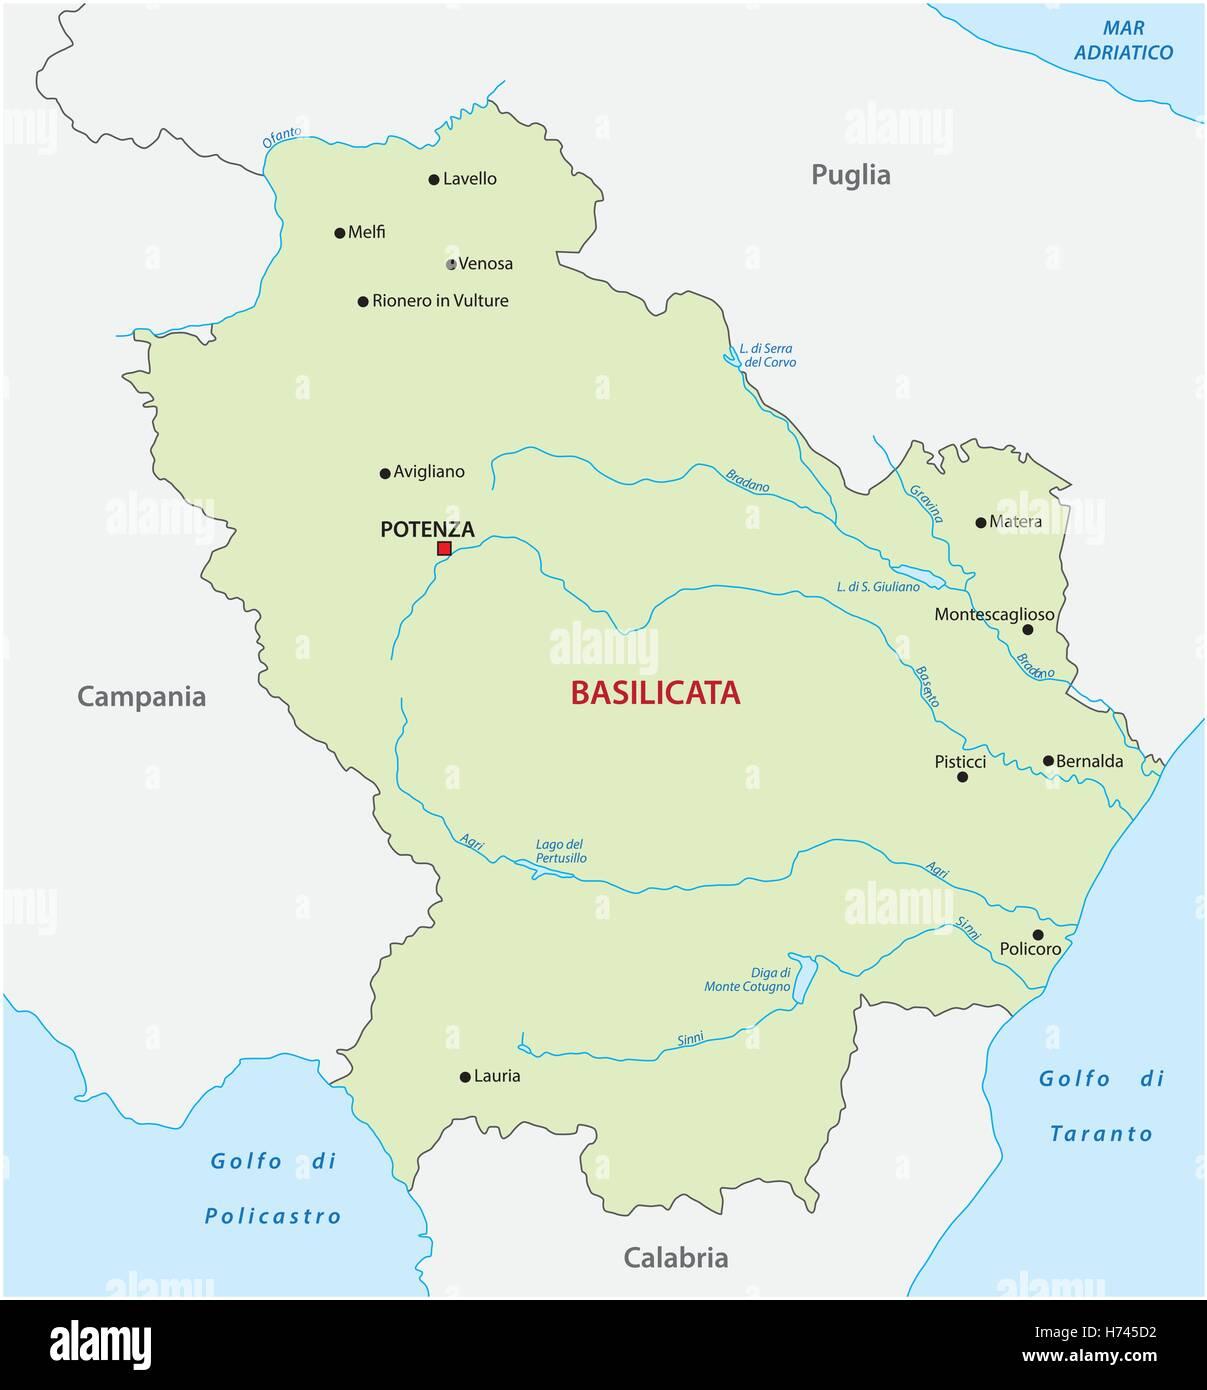 Lavello Potenza Cartina Geografica.Mappa Di Basilicata Immagine E Vettoriale Alamy